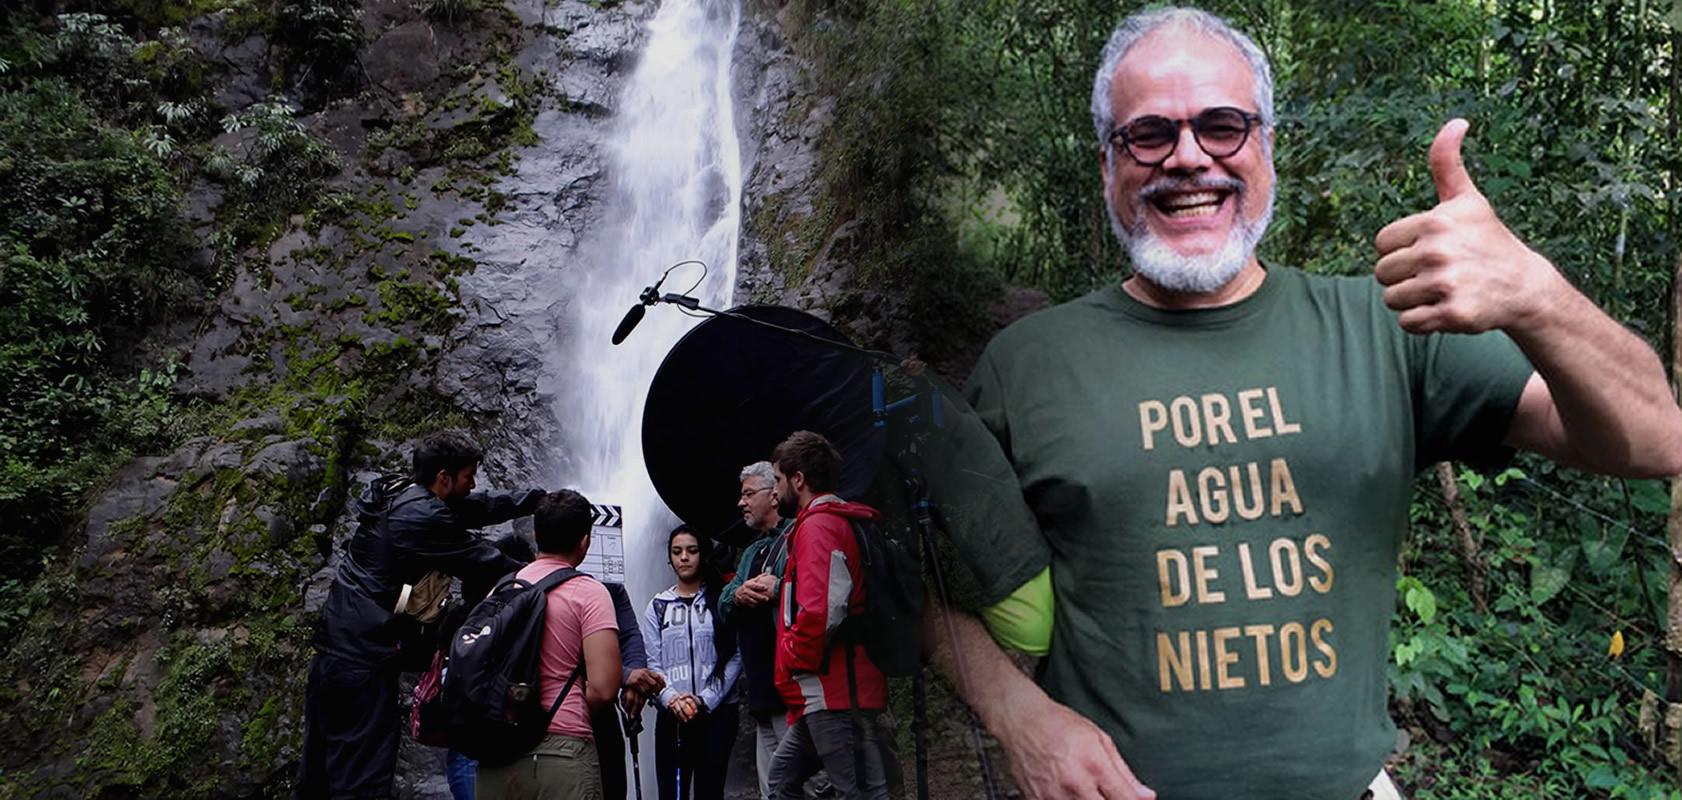 El abogado caleño que puso todos sus ahorros en una película ambientalista